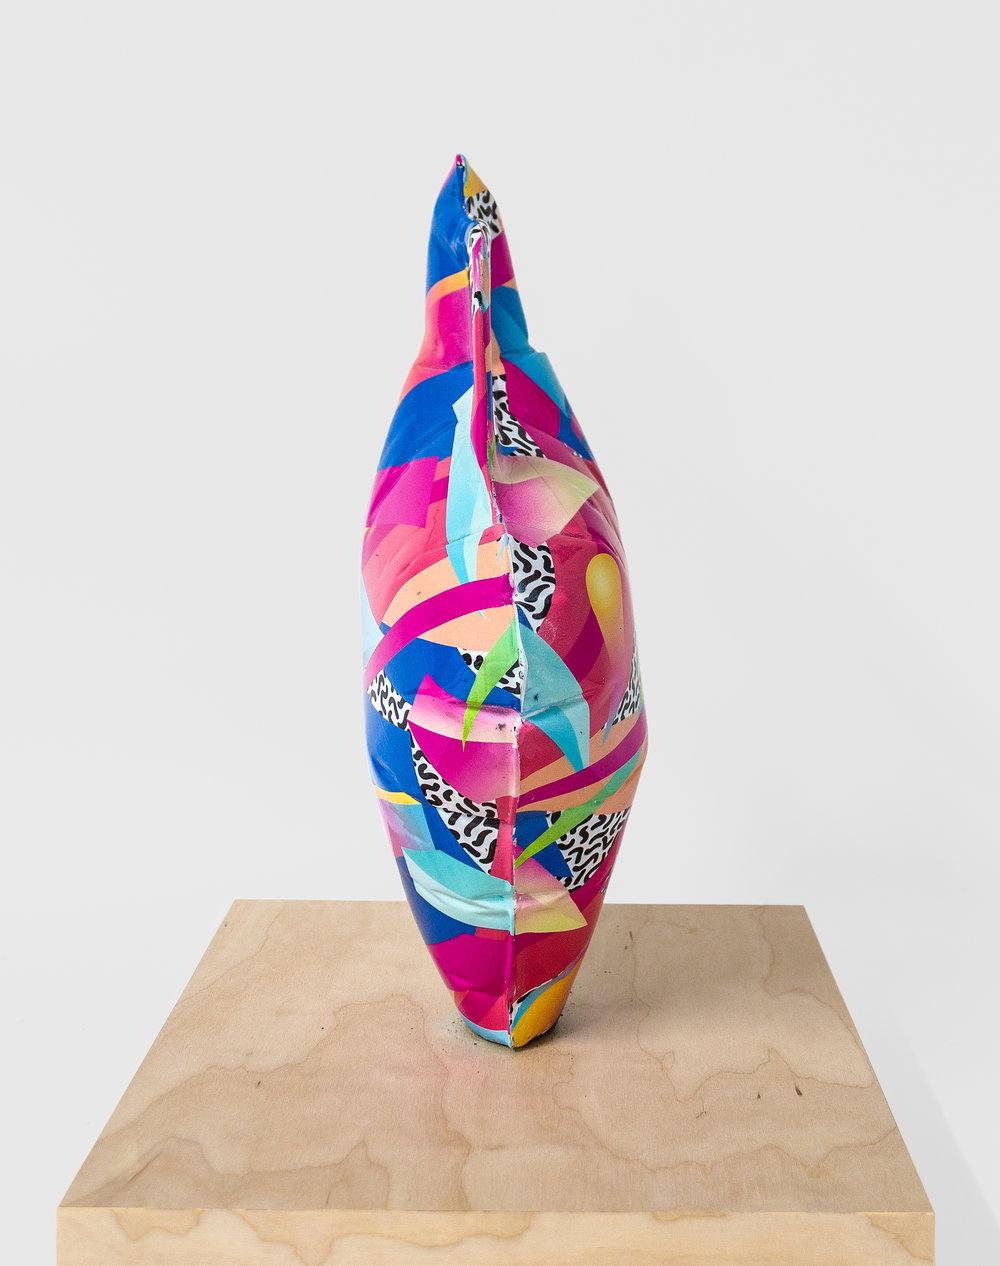 AdamParkerSmith_Sculpture6_Side3.jpg